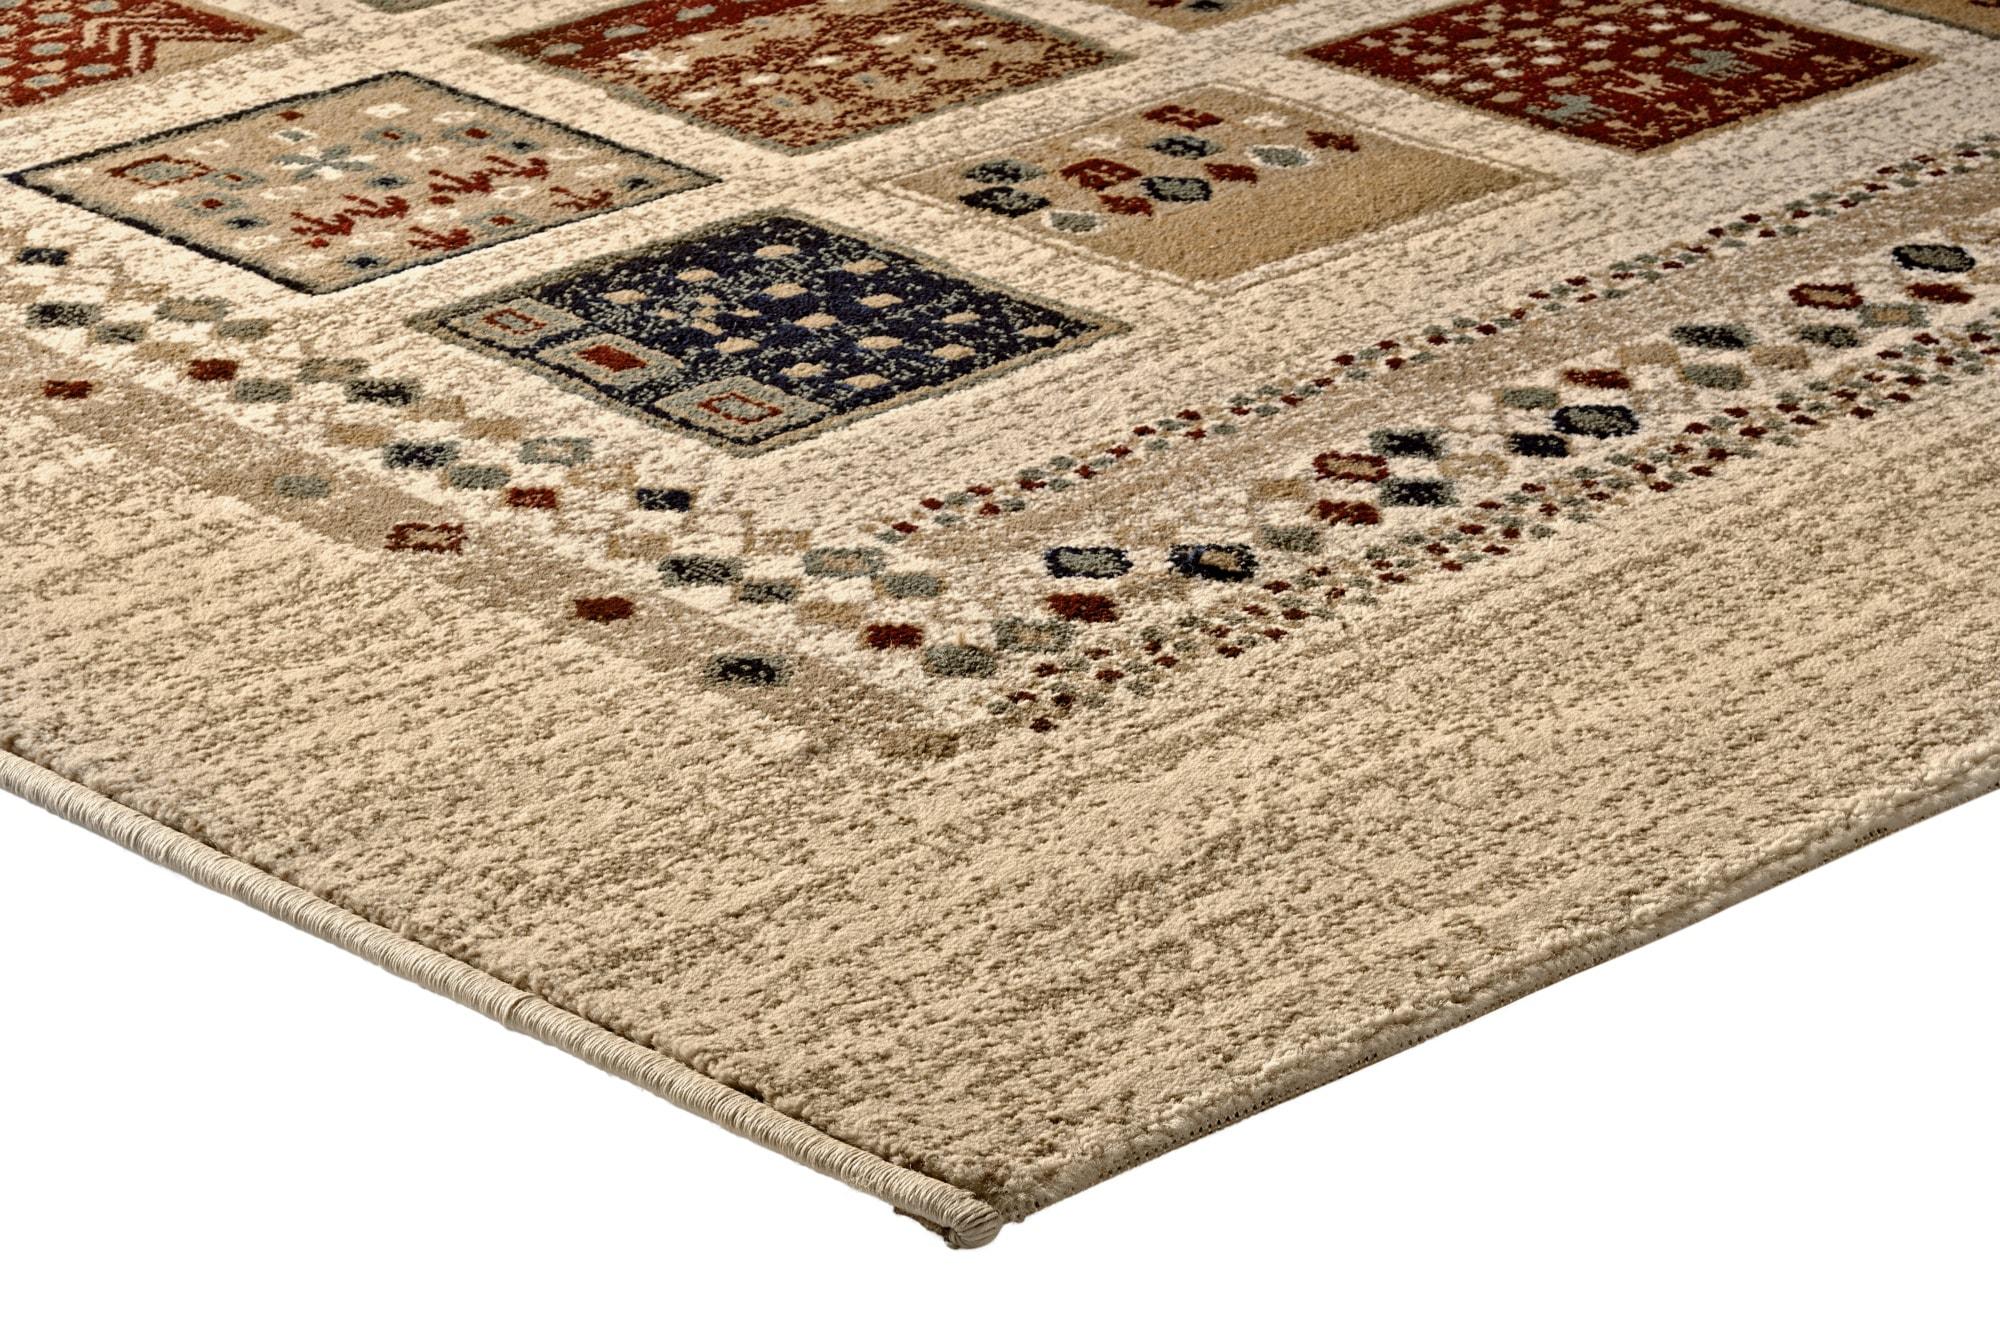 cd5b295e445afd Dekoration online günstig kaufen über shop24.at | shop24